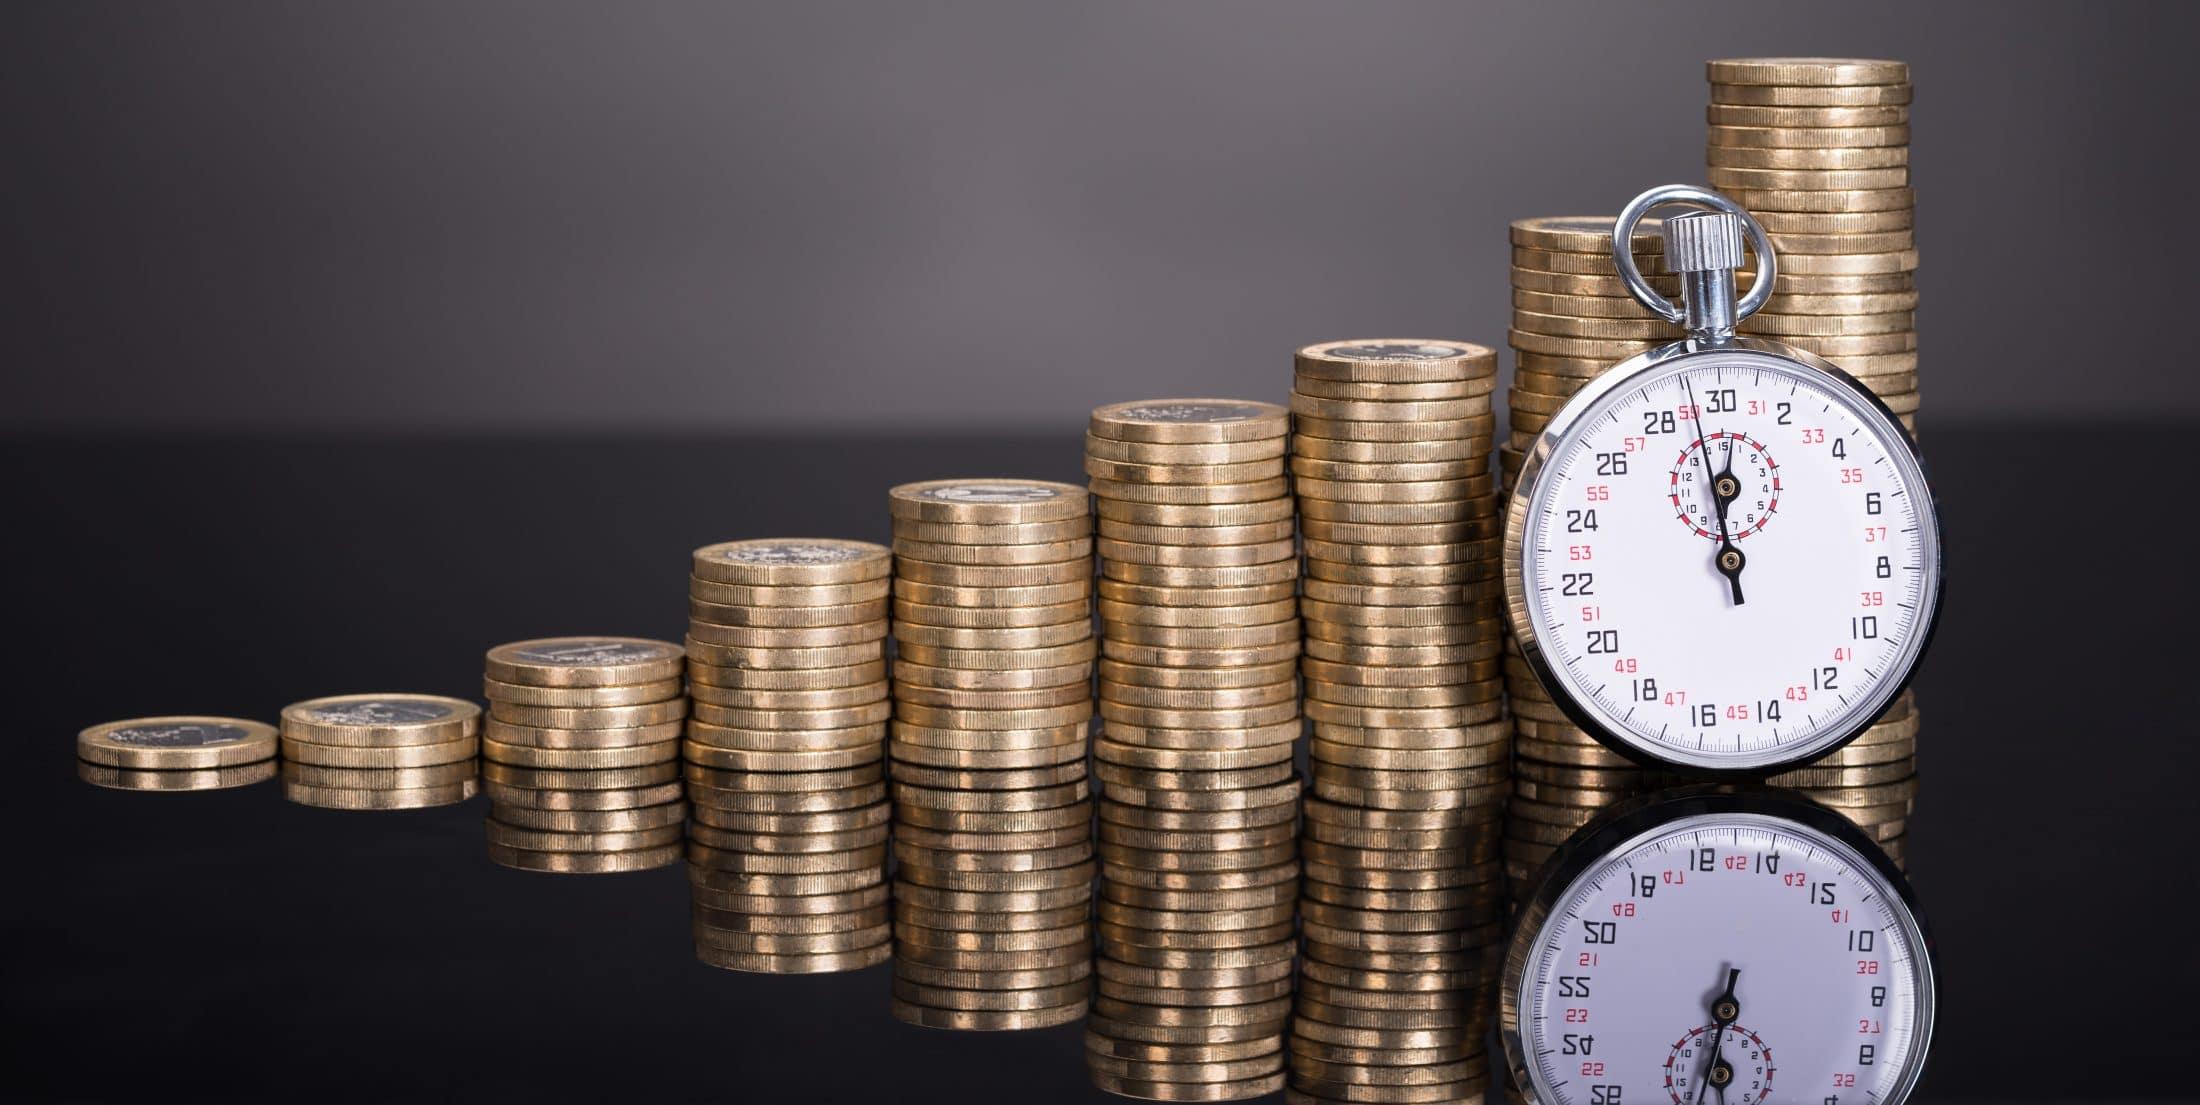 Trouver une aide financière rapidement